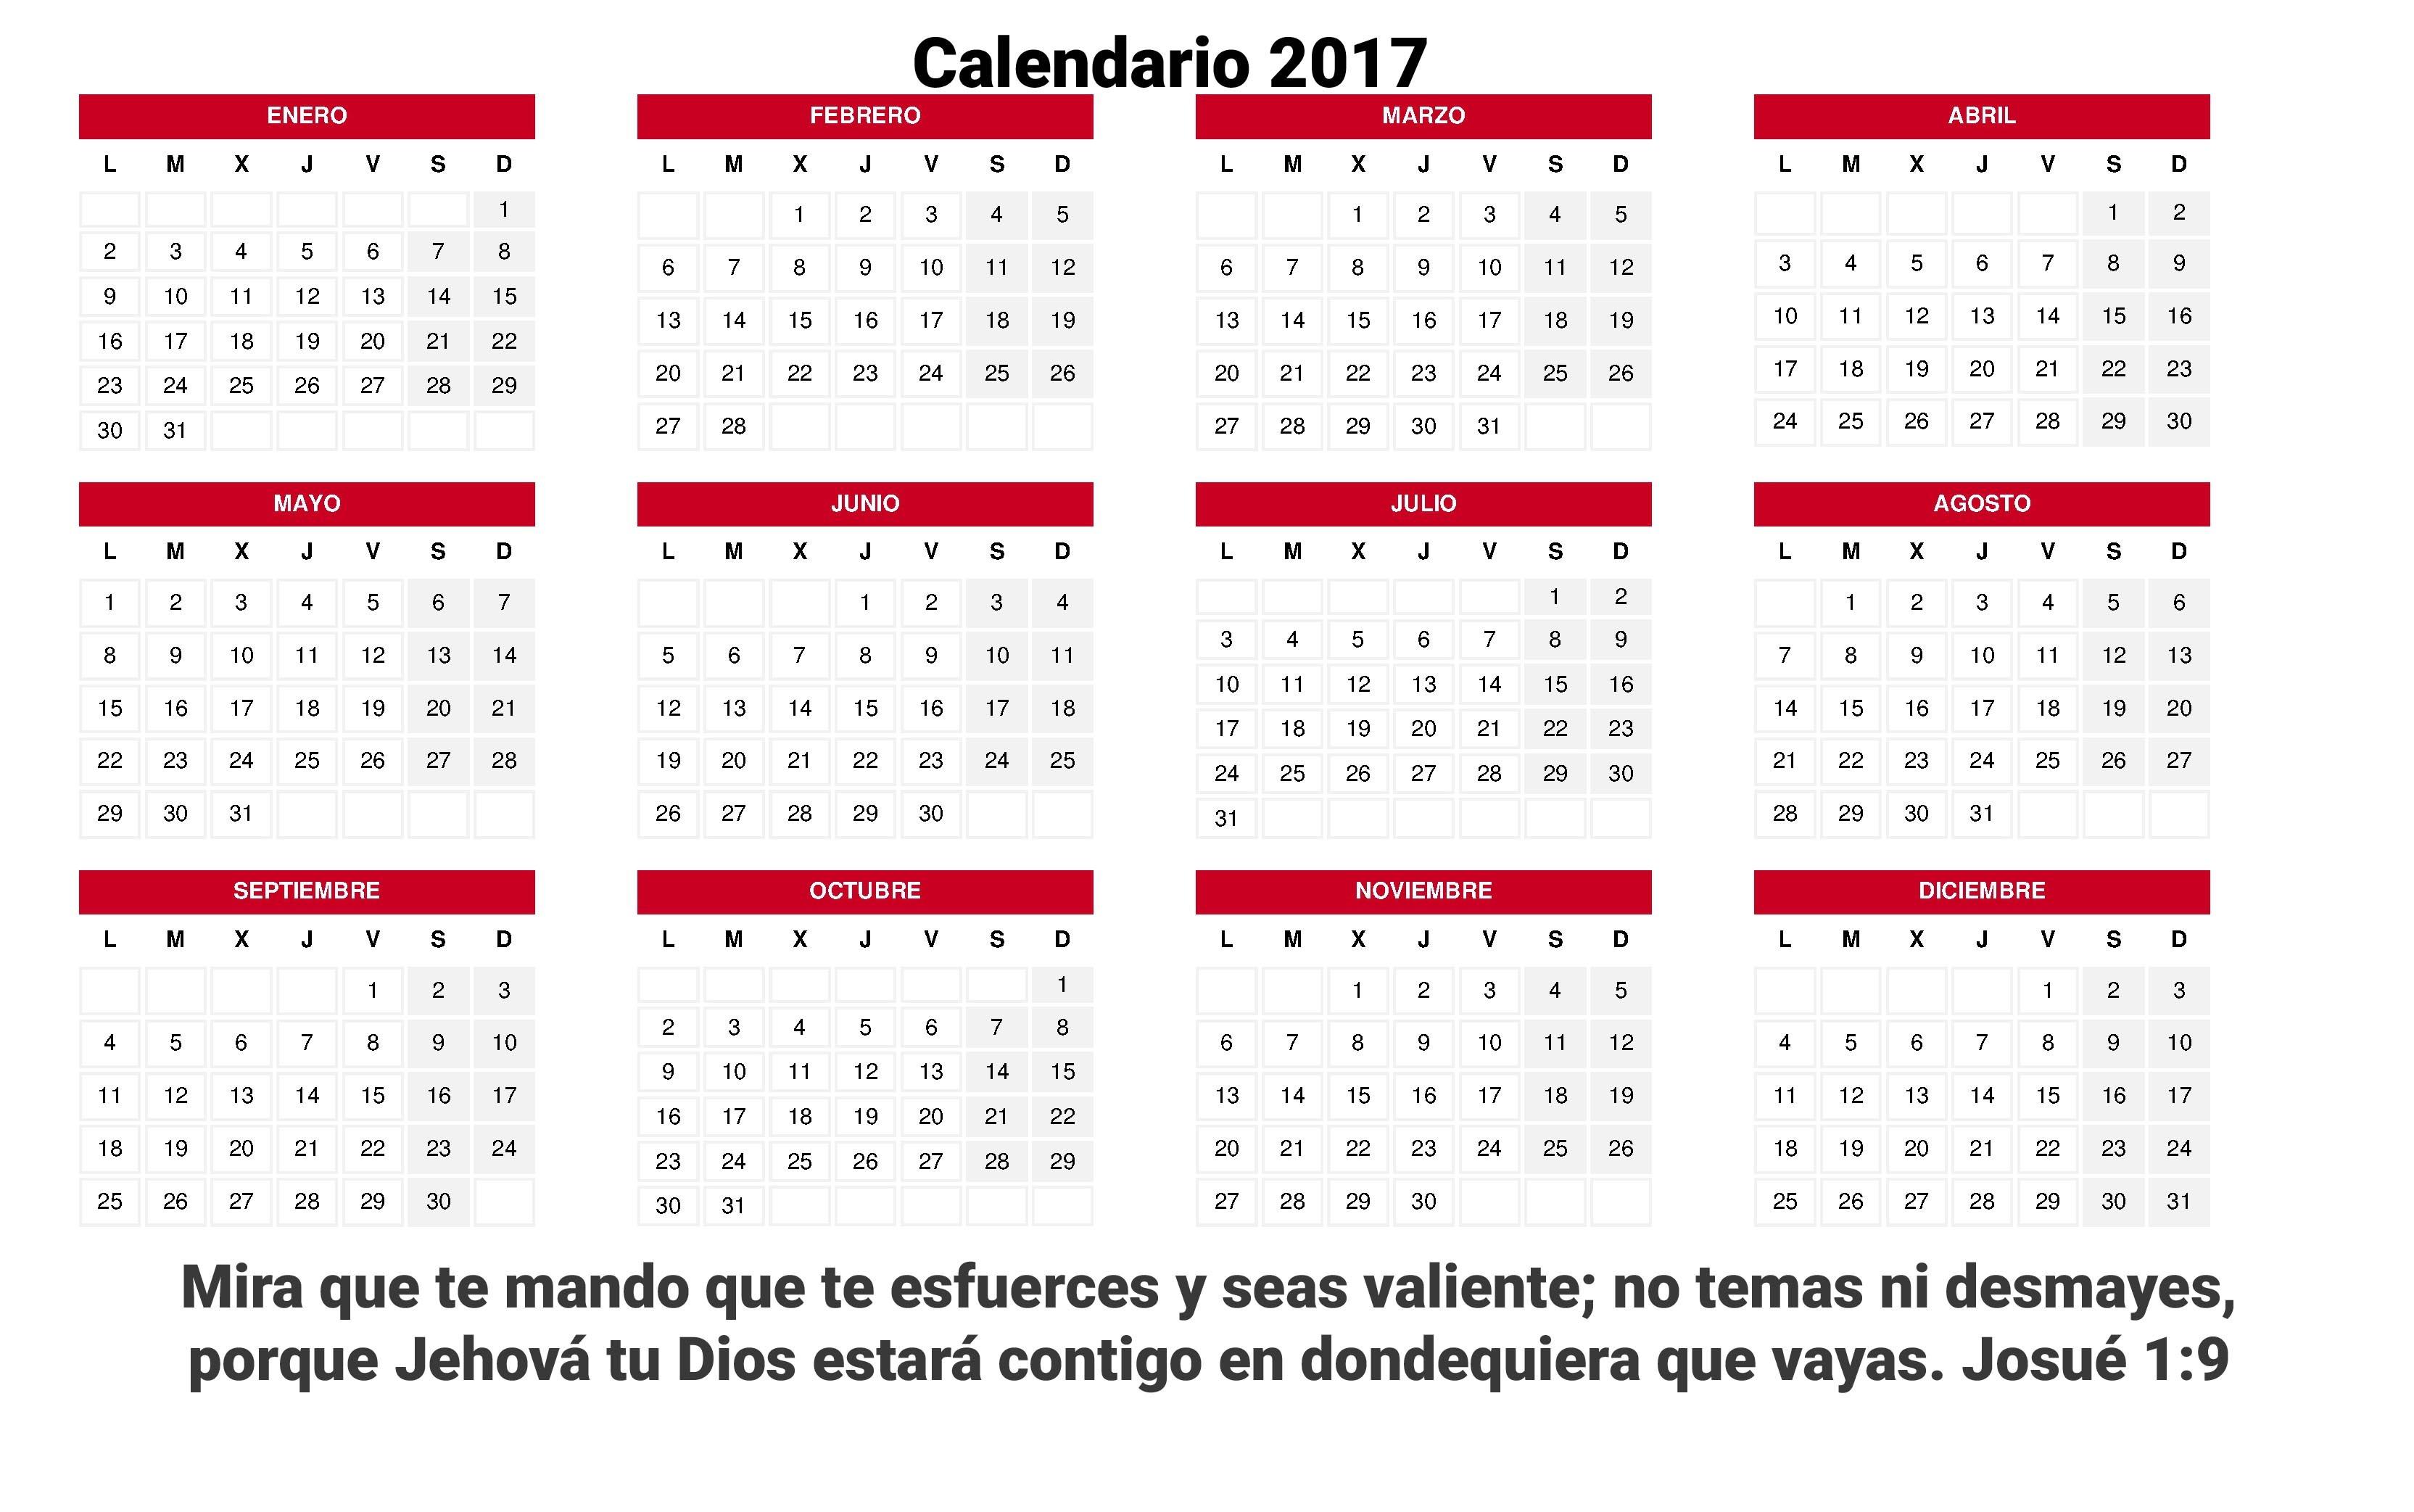 Calendario Noviembre 2017 Imprimir Gratis Más Recientes Calendarios Del Mes Kordurorddiner Of Calendario Noviembre 2017 Imprimir Gratis Mejores Y Más Novedosos Calendario Noviembre 2018 Colombia